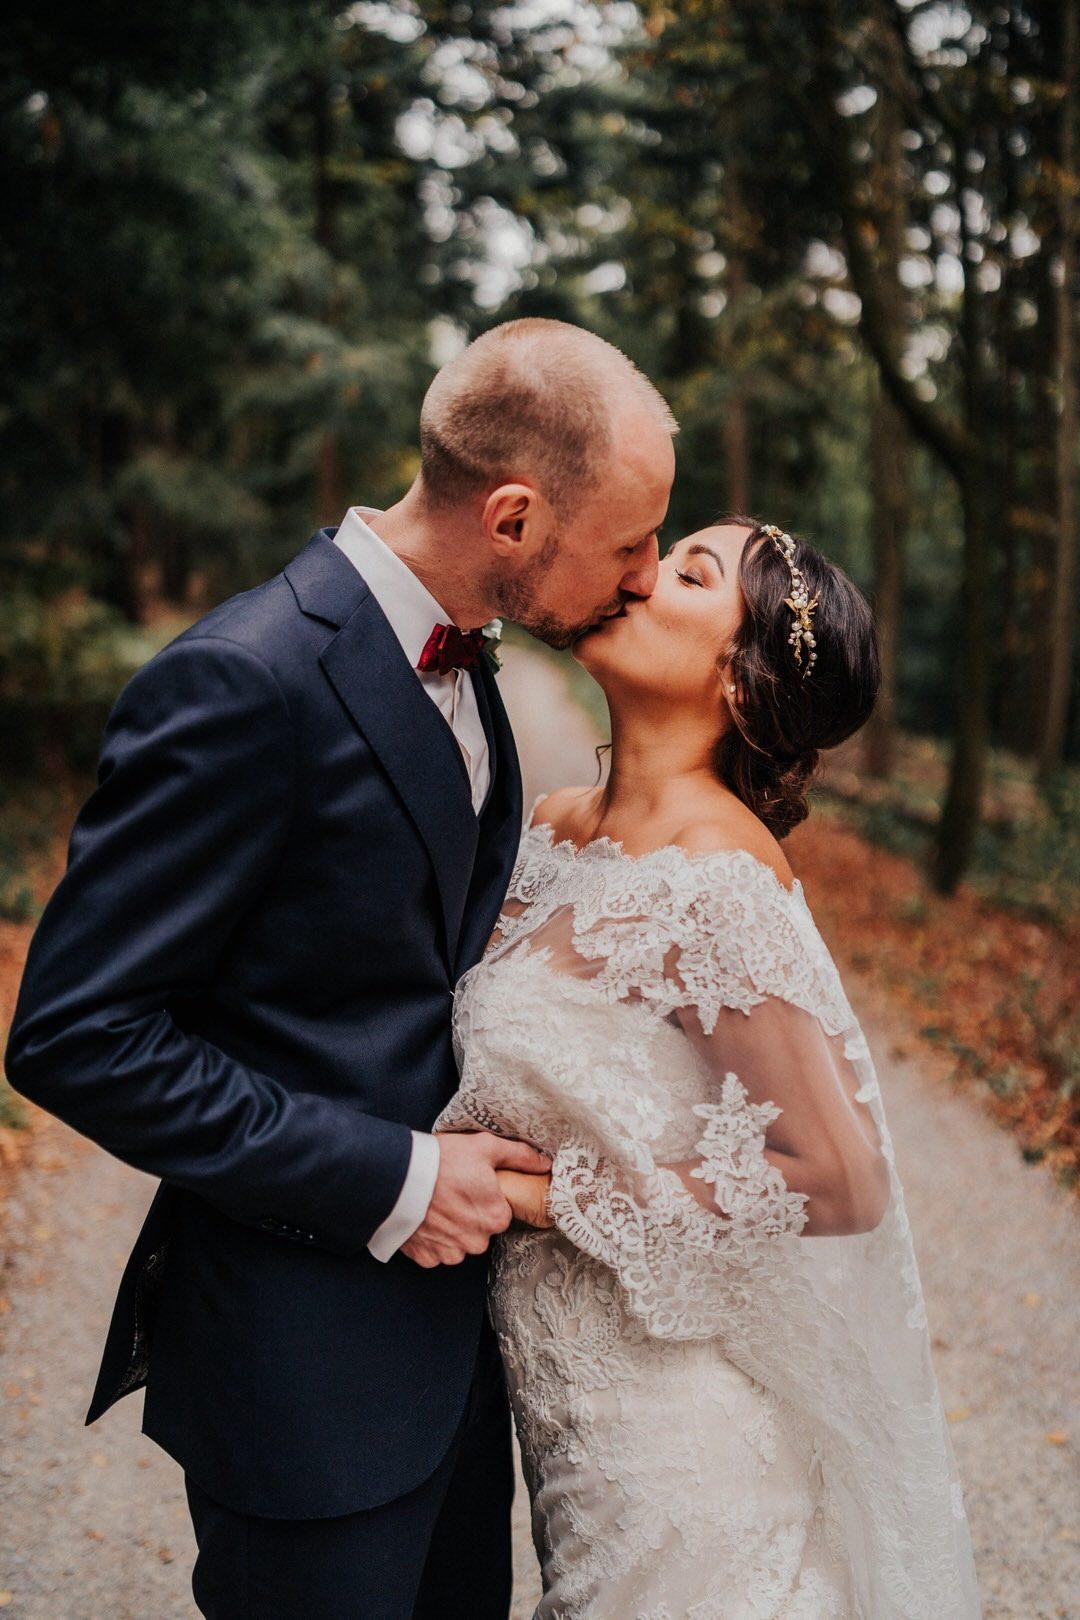 Braut mit Boho-Brautkleid, das ist, was eine Boho-Hochzeit erst richtig ausmacht